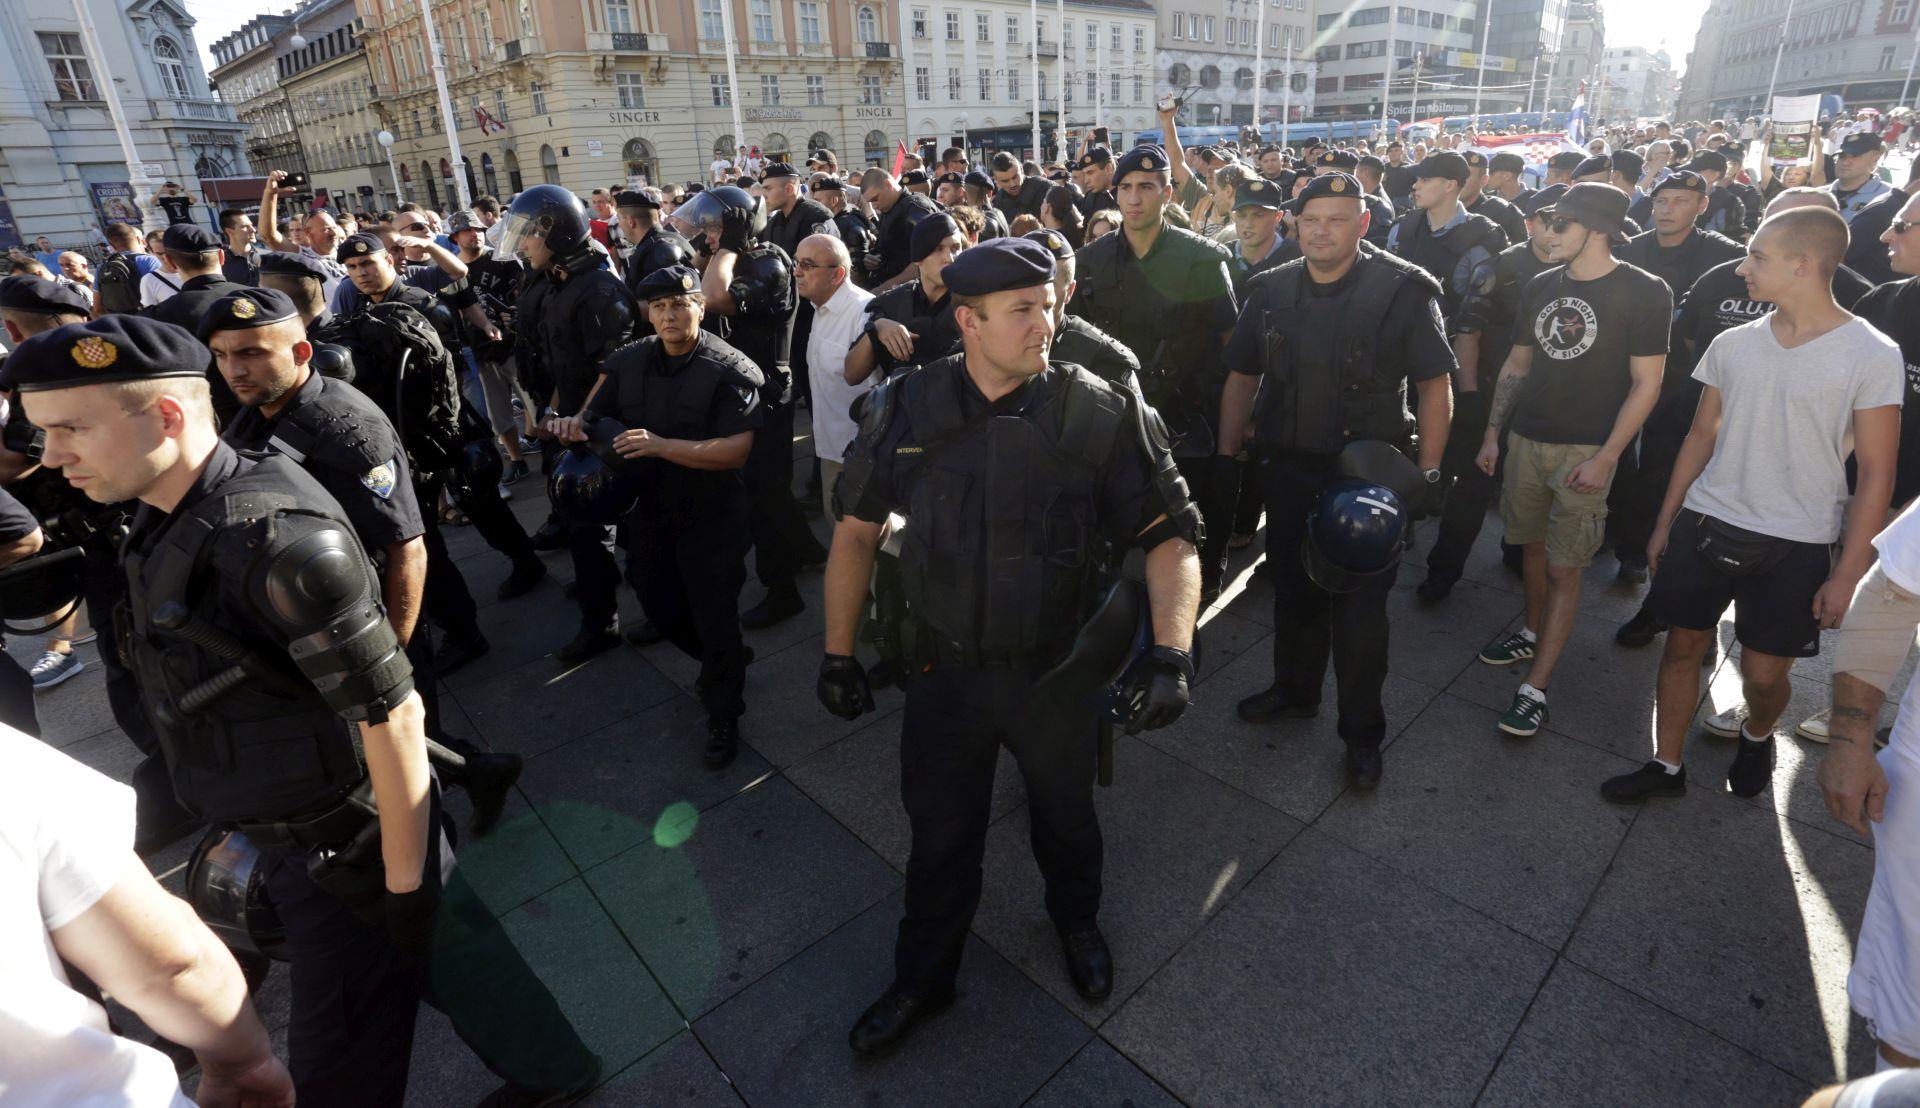 Udruge: Orepić i policija su odgovorni za ulično nasilje